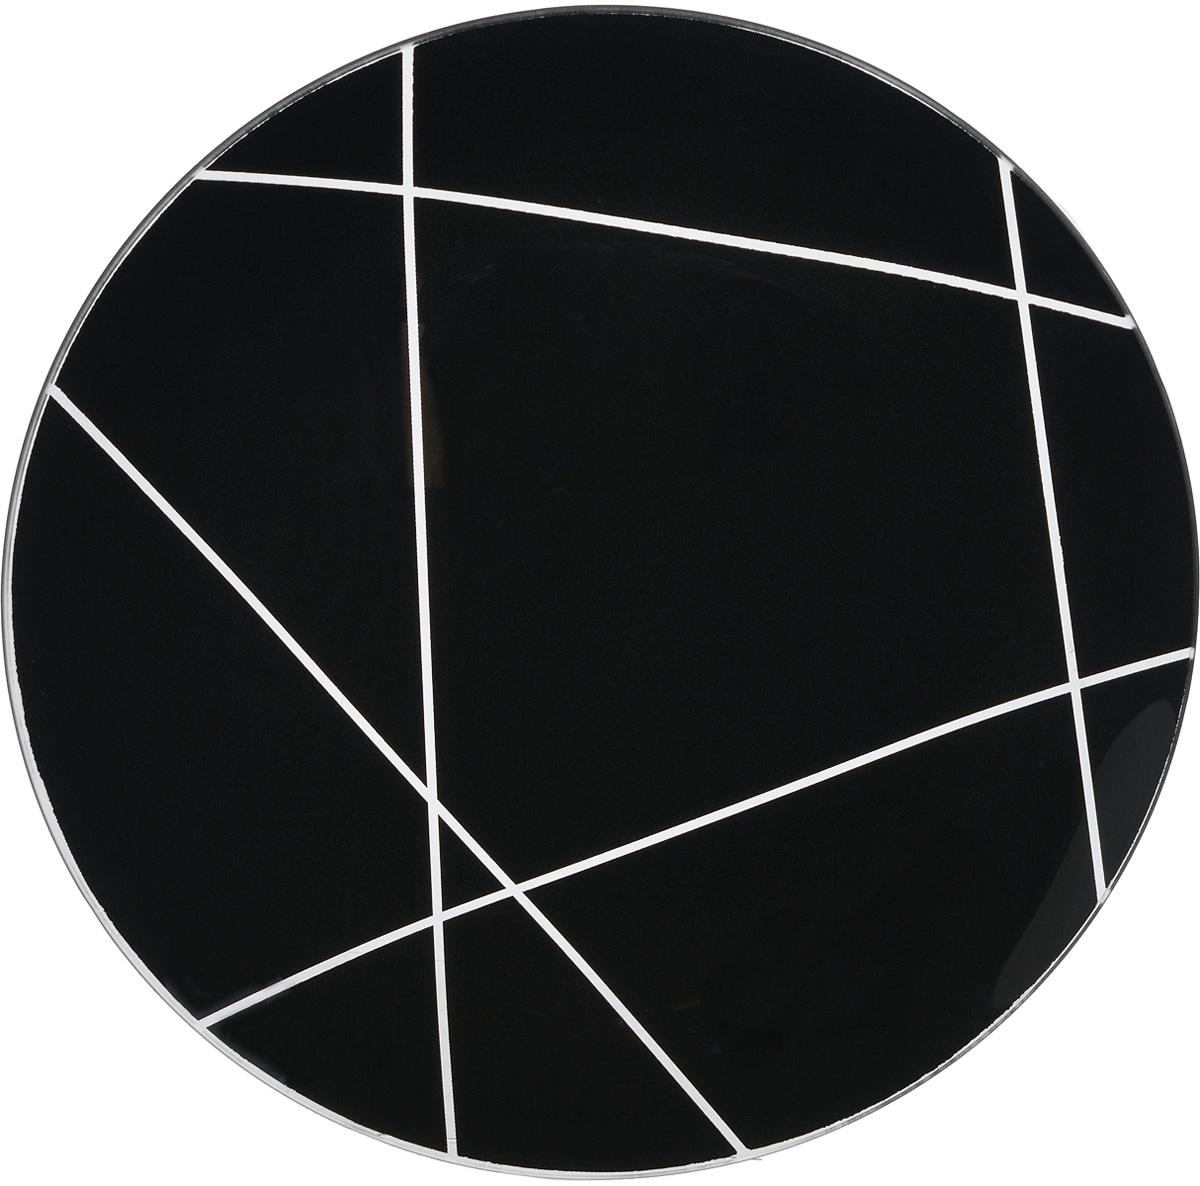 Тарелка NiNaGlass Контур, цвет: черный, диаметр 26 см85-260-002/чернТарелка NiNaGlass Виктория выполнена из высококачественного стекла и оформлена красивым прозрачным геометрическим принтом. Тарелка идеальна для подачи вторых блюд, а также сервировки закусок, нарезок, салатов, овощей и фруктов. Она отлично подойдет как для повседневных, так и для торжественных случаев. Такая тарелка прекрасно впишется в интерьер вашей кухни и станет достойным дополнением к кухонному инвентарю.